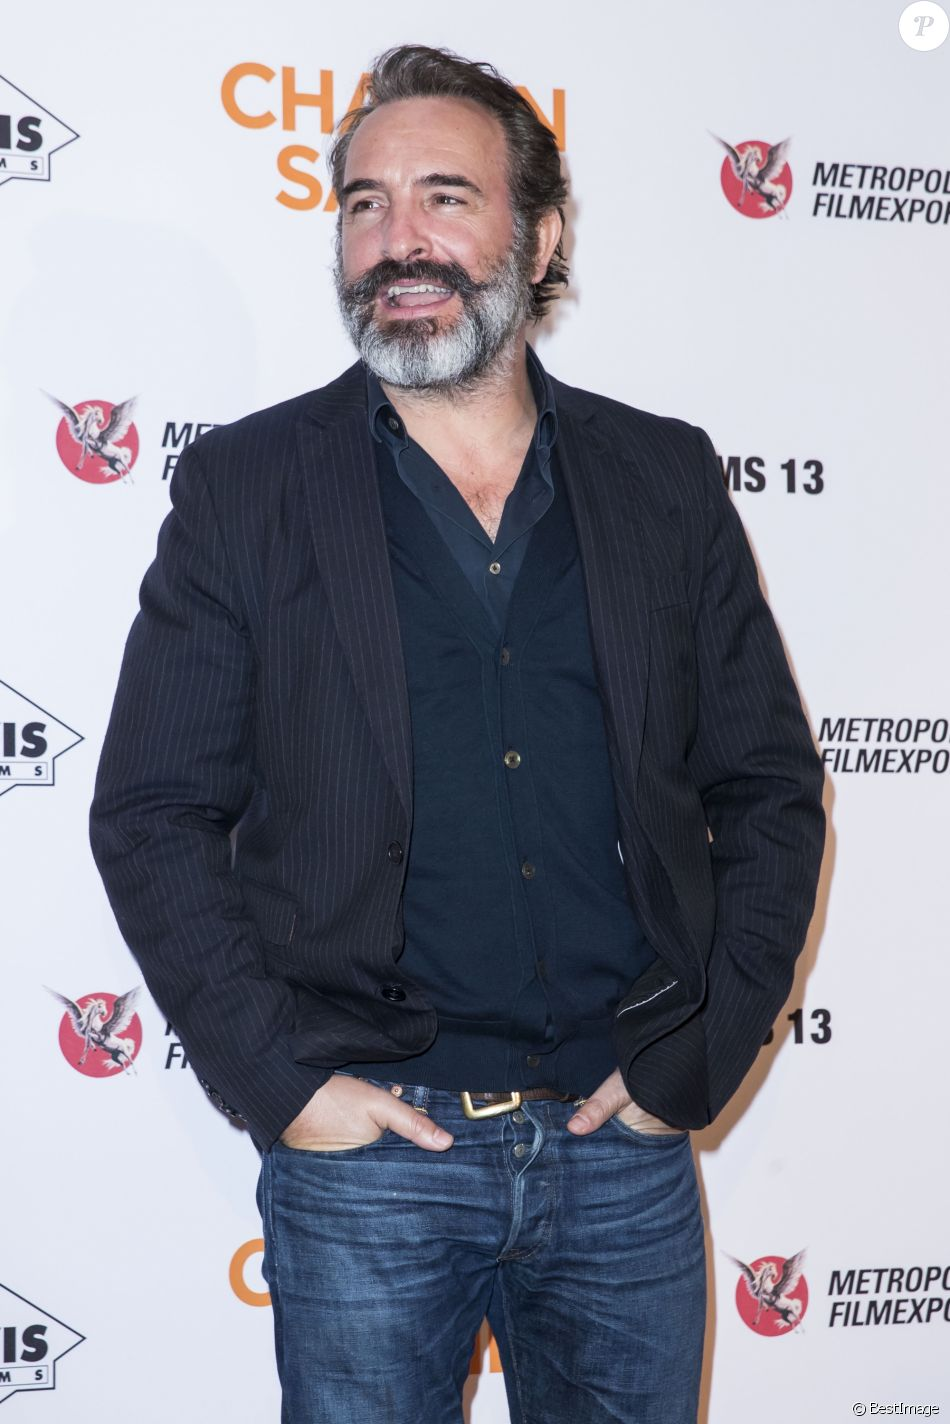 """Jean Dujardin lors de l'avant-première du film """"Chacun sa vie"""" au cinéma UGC Normandie à Paris, France, le 13 mars 2017. © Olivier Borde/Bestimage"""